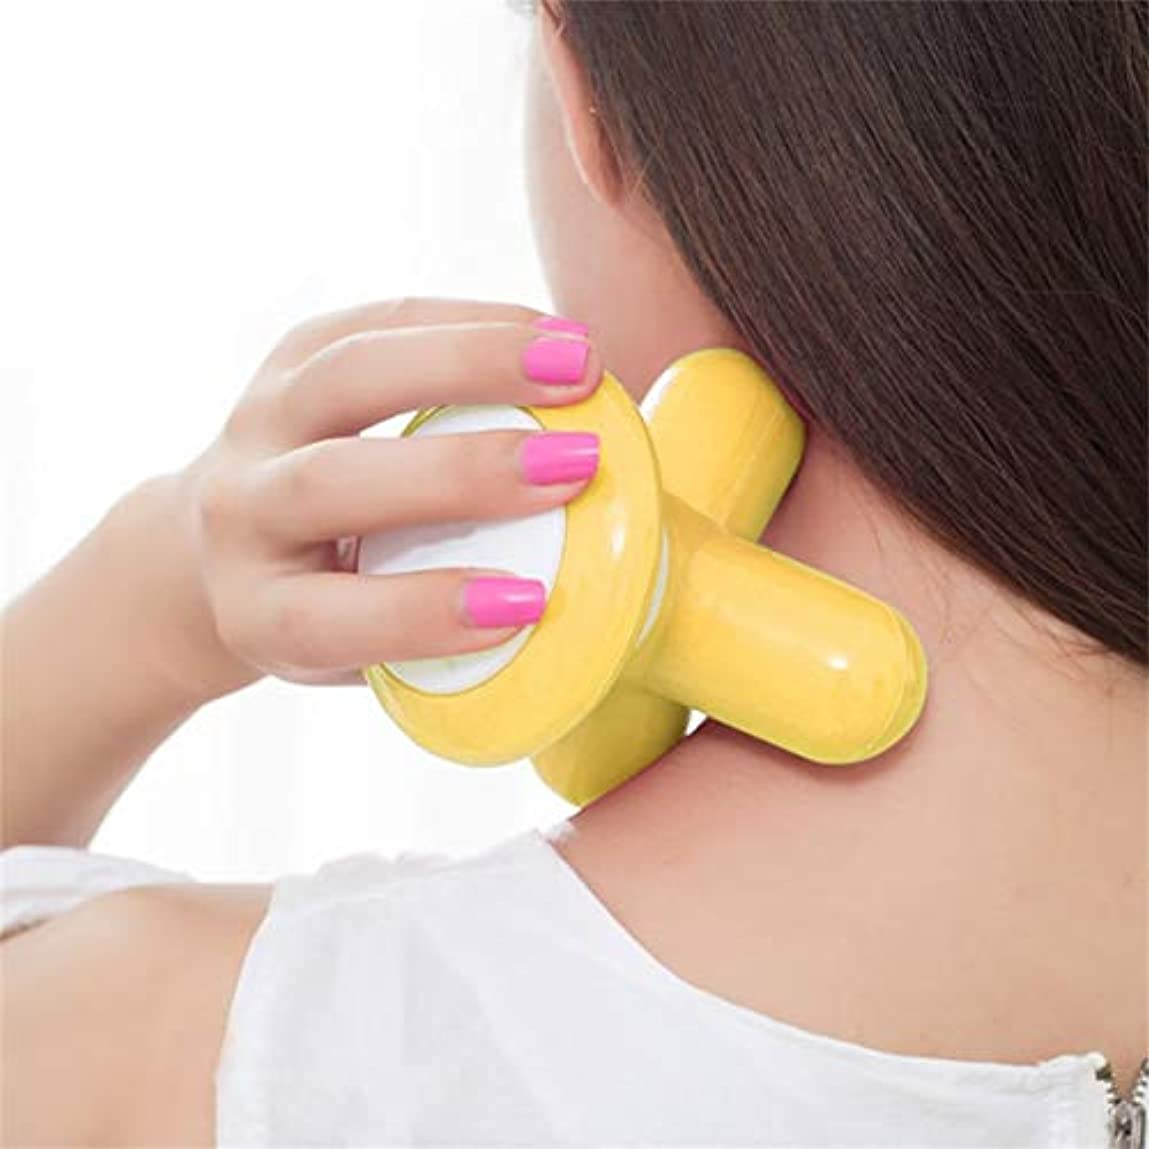 束マエストロ虎Mini Electric Handled Wave Vibrating Massager USB Battery Full Body Massage Ultra-compact Lightweight Convenient...